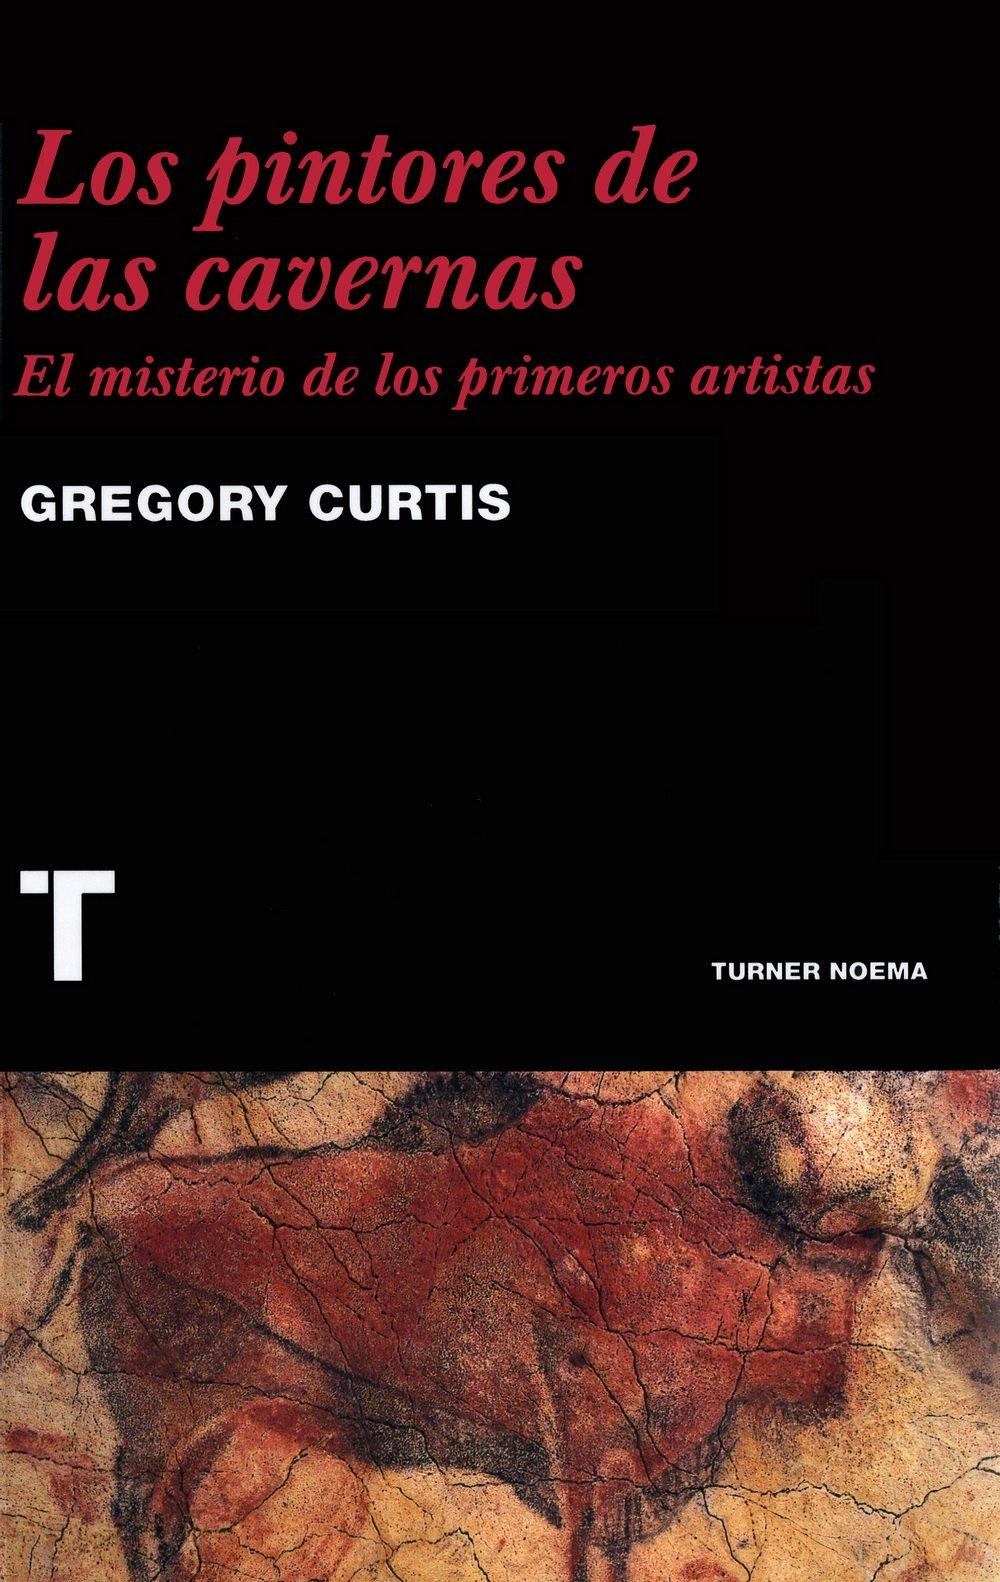 Portada de Los pintores de las cavernas, de Gregory Curtis